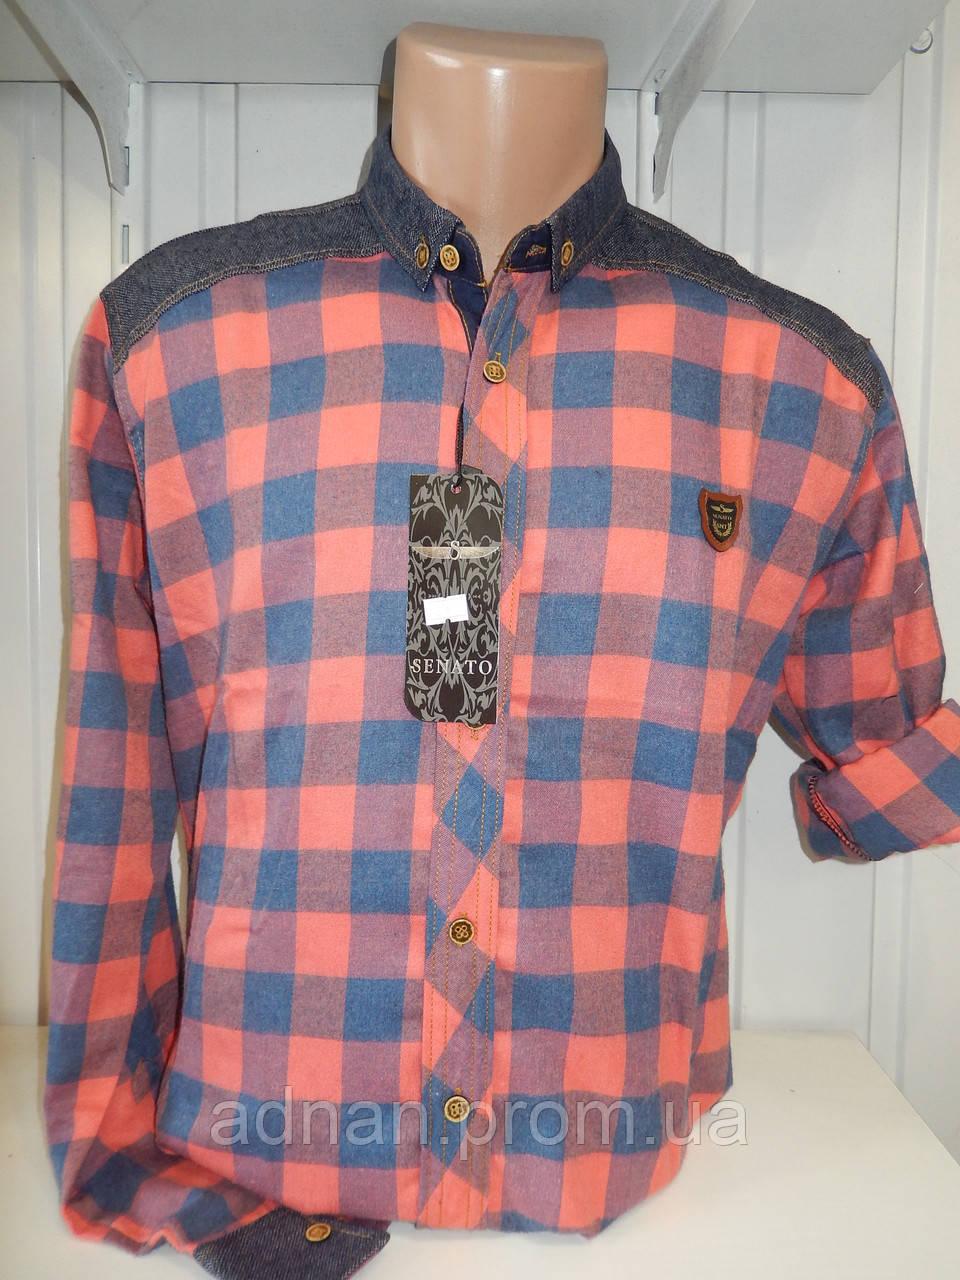 Рубашка мужская SENATO длинный-короткий рукав, полу-кашемир, клетка  001\ купить рубашку